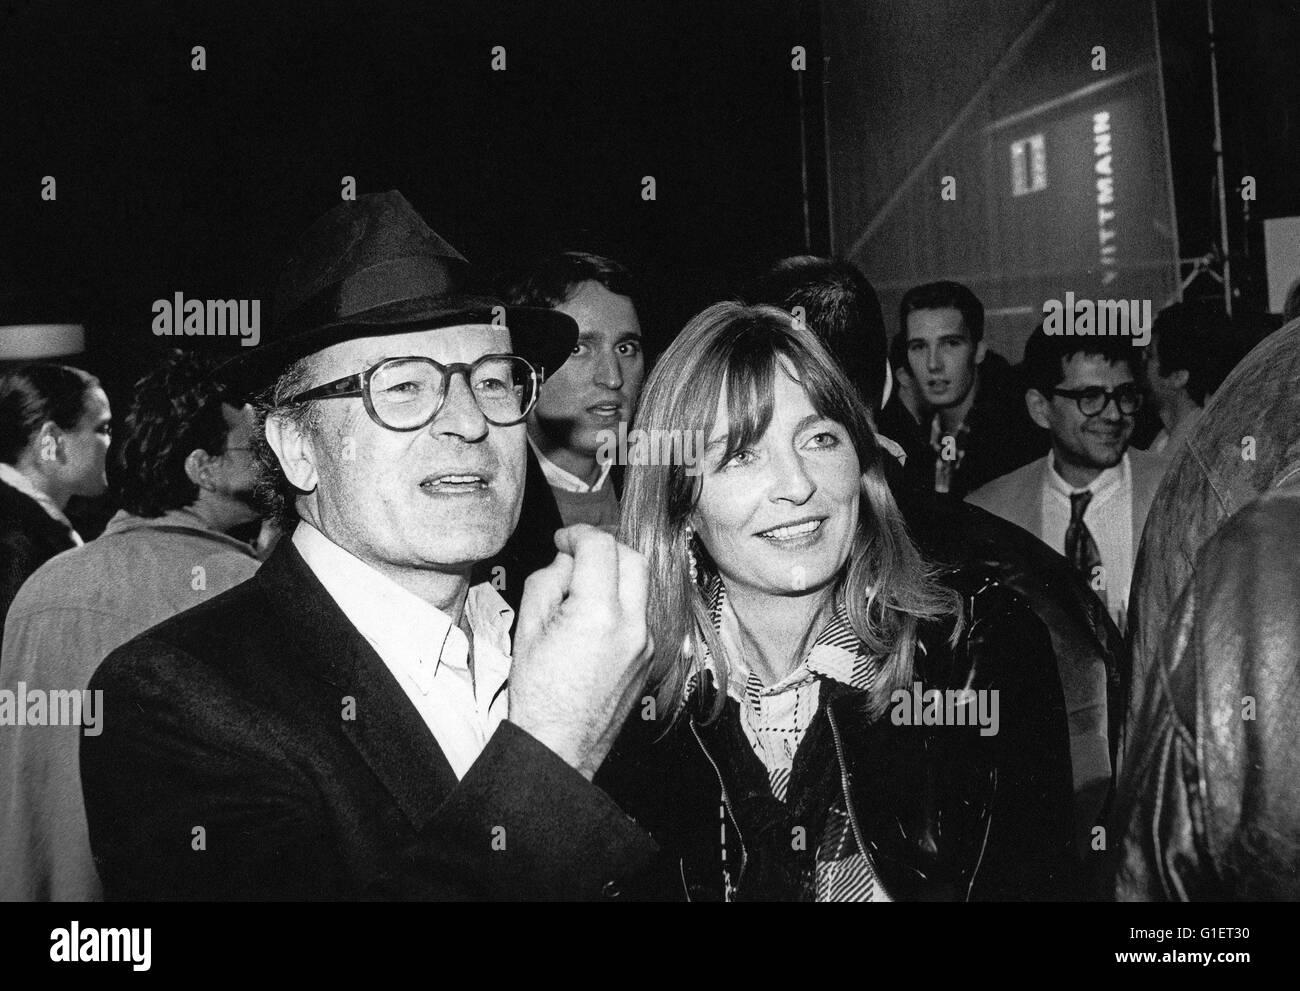 Der deutsche Regisseur und Drehbuchautor Volker Schlöndorff auf der Viennale 1991, Österreich 1990er Jahre. Imagen De Stock